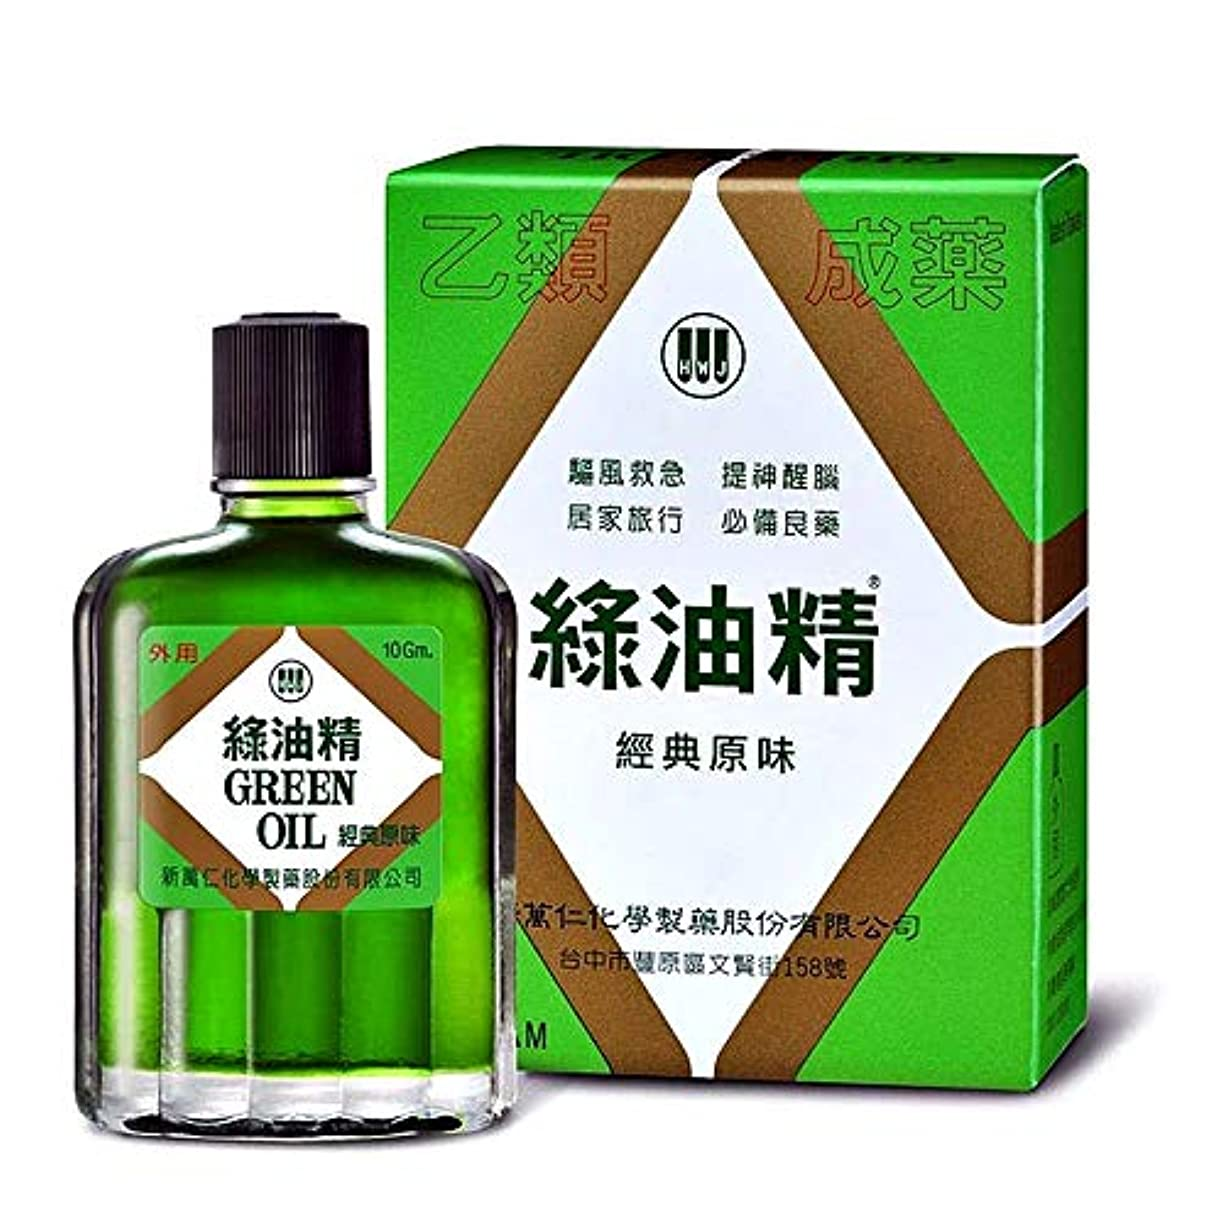 レースバッテリー収縮《新萬仁》台湾の万能グリーンオイル 緑油精 10g 《台湾 お土産》 [並行輸入品]